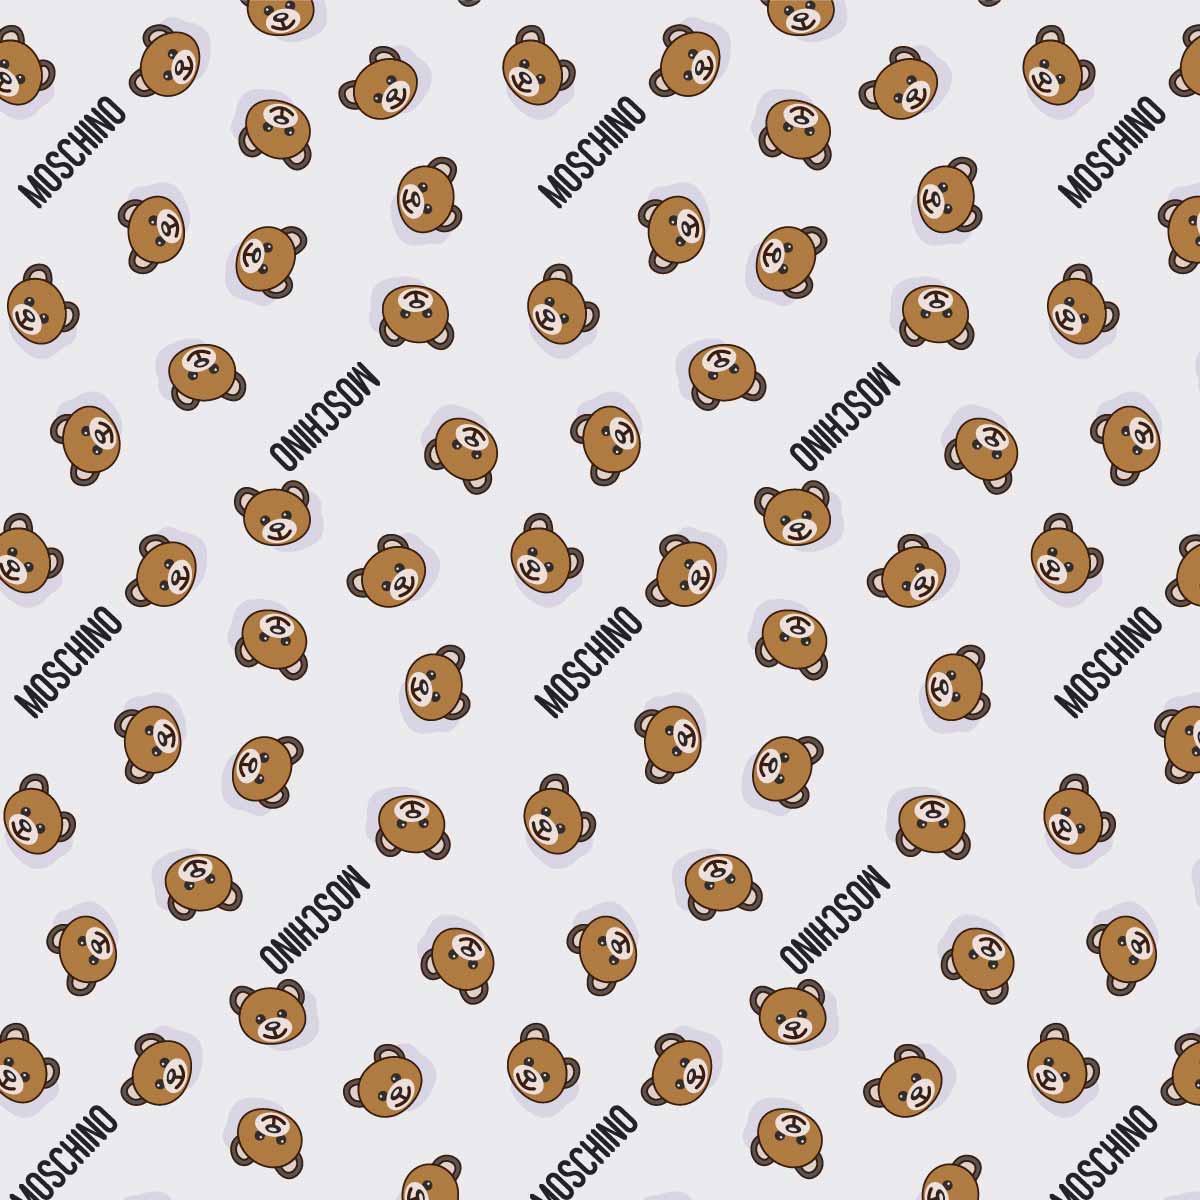 卡通熊几何字母MOSCHINO图案拼接印花矢量图服装纺织数码印花花型素材-POP花型网